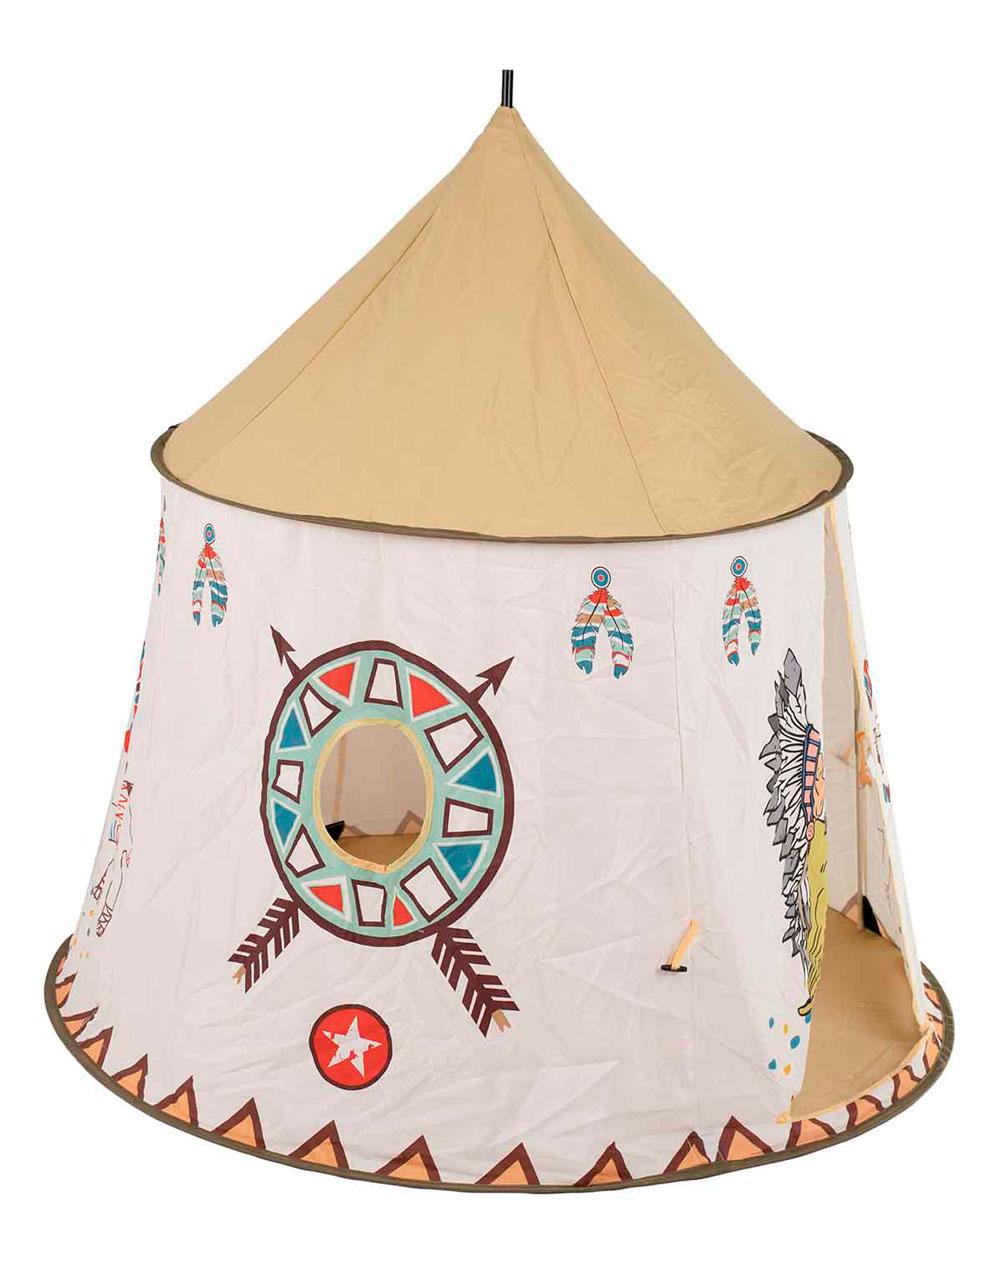 Namiot Domek dla Dzieci TIPI WIGWAM Indiański do Domu Ogrodu 110CM – VivoSklep.pl 4